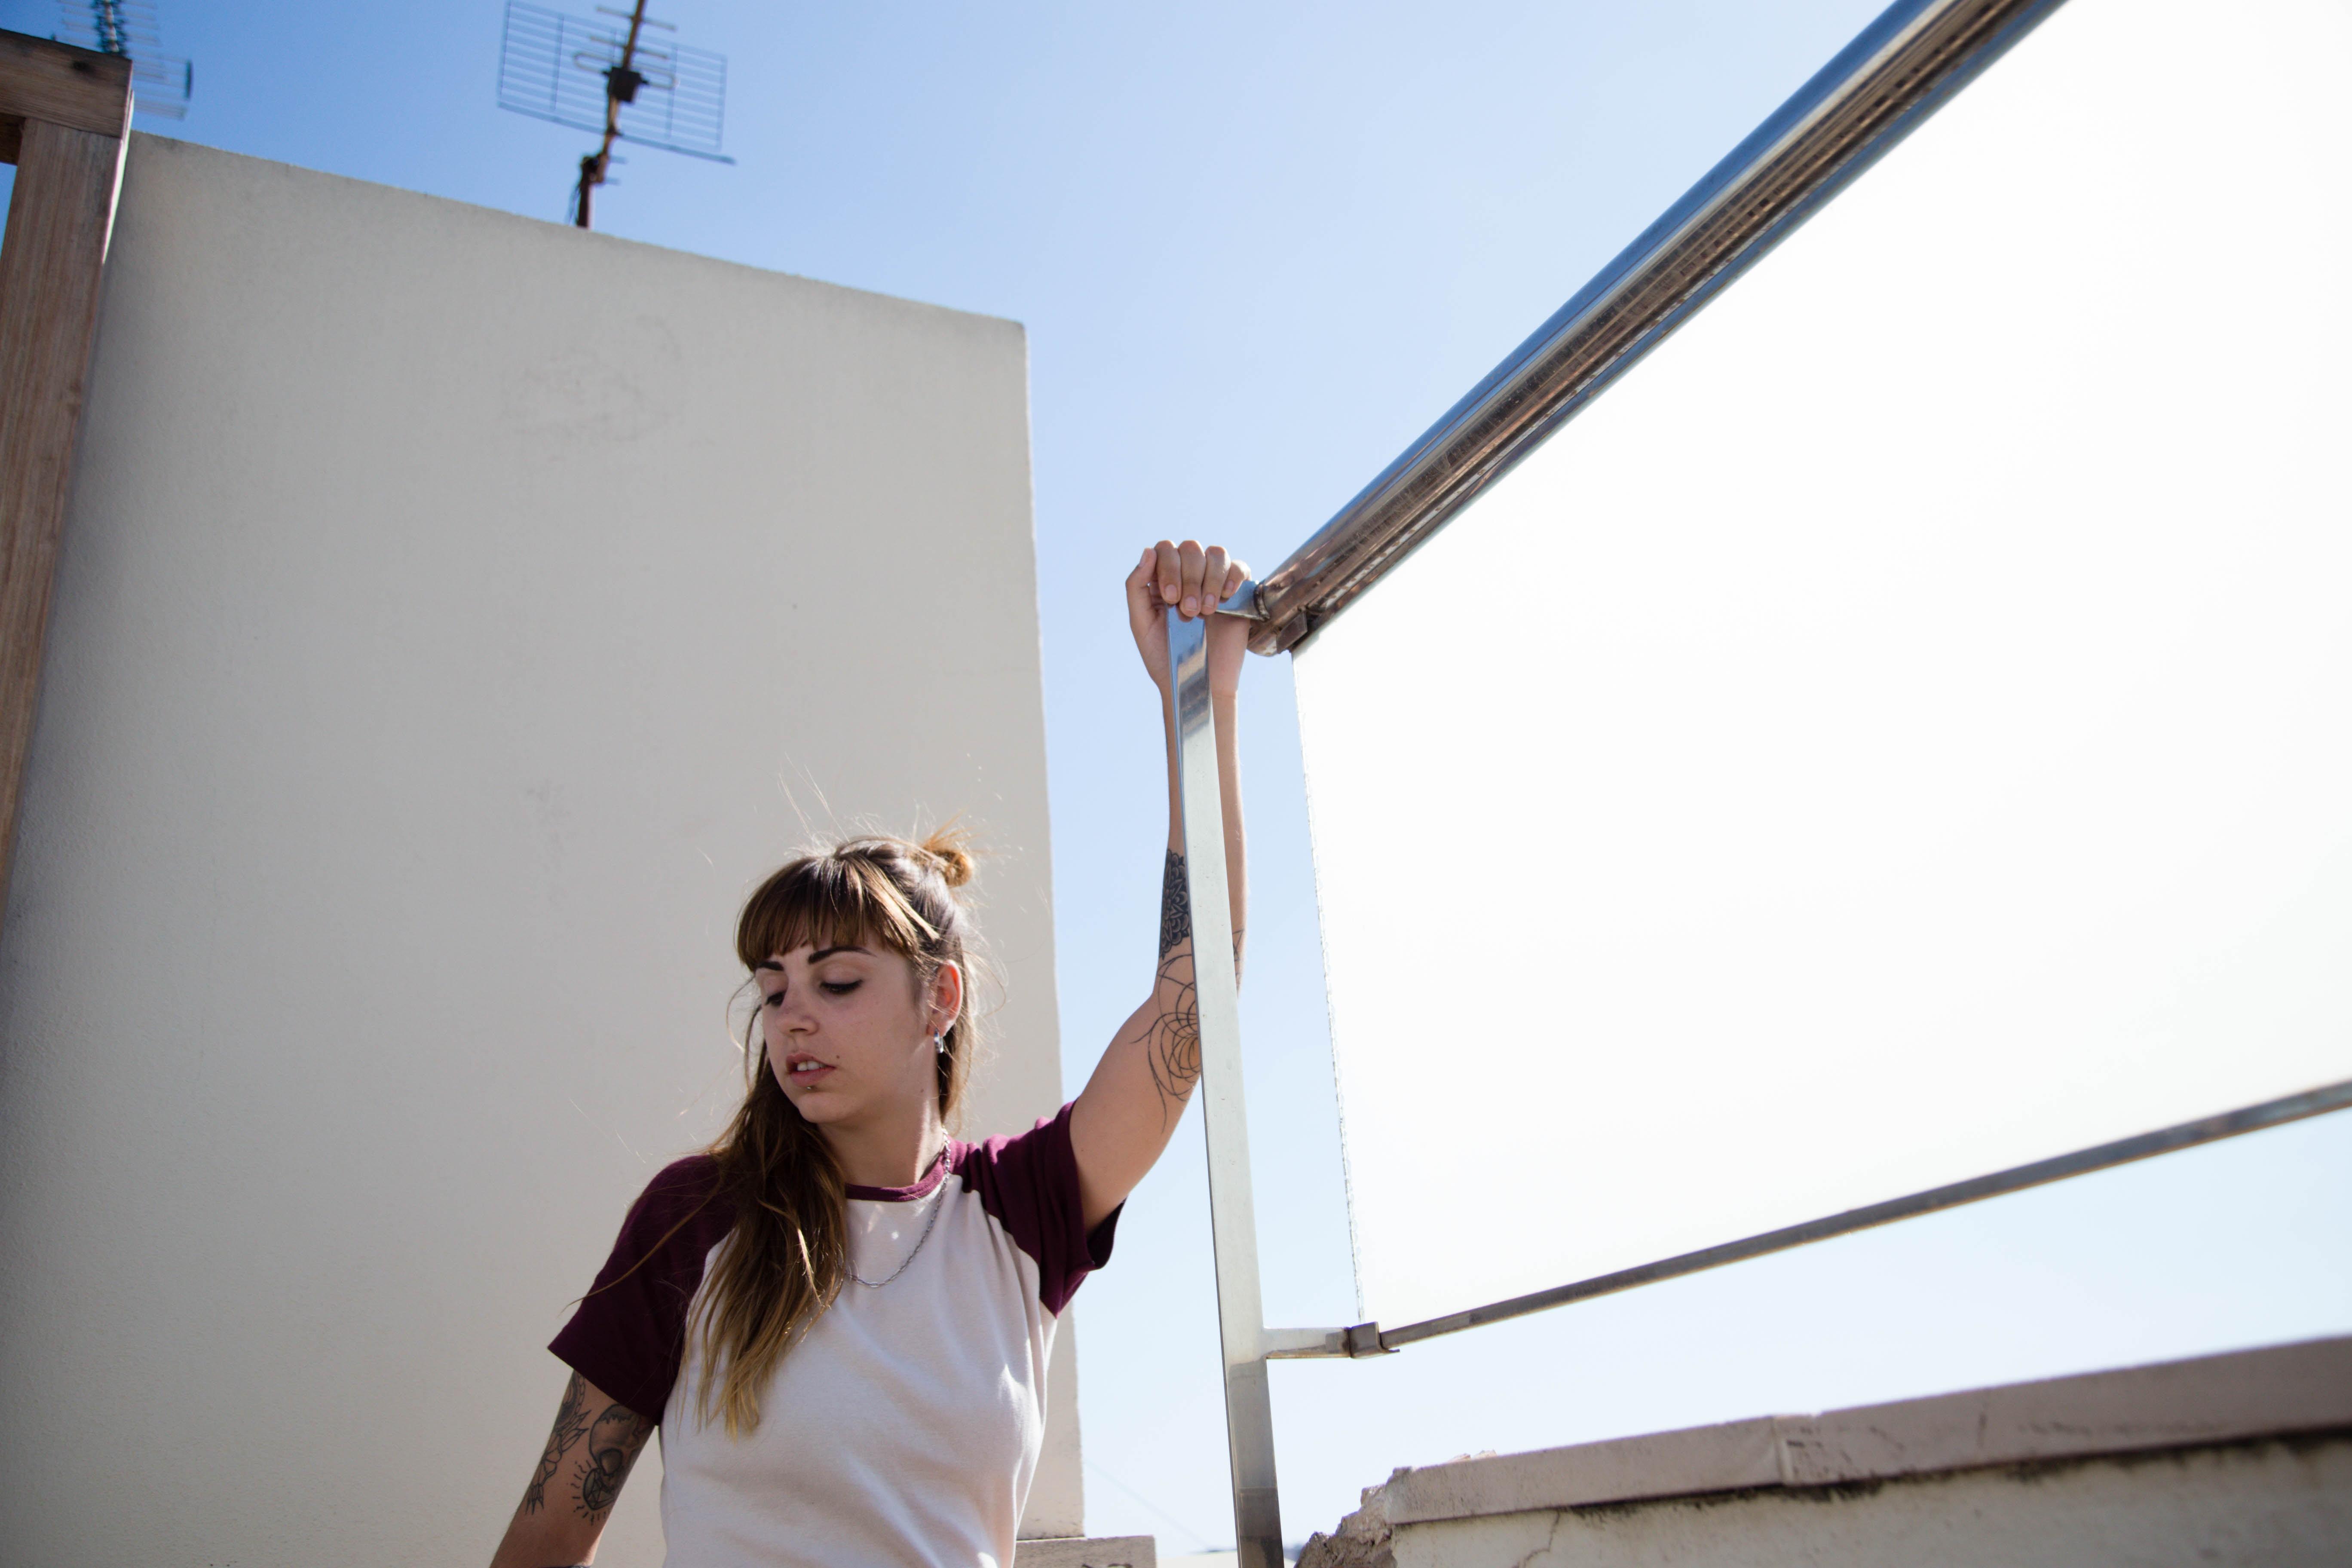 Go to Marina Panadés's profile